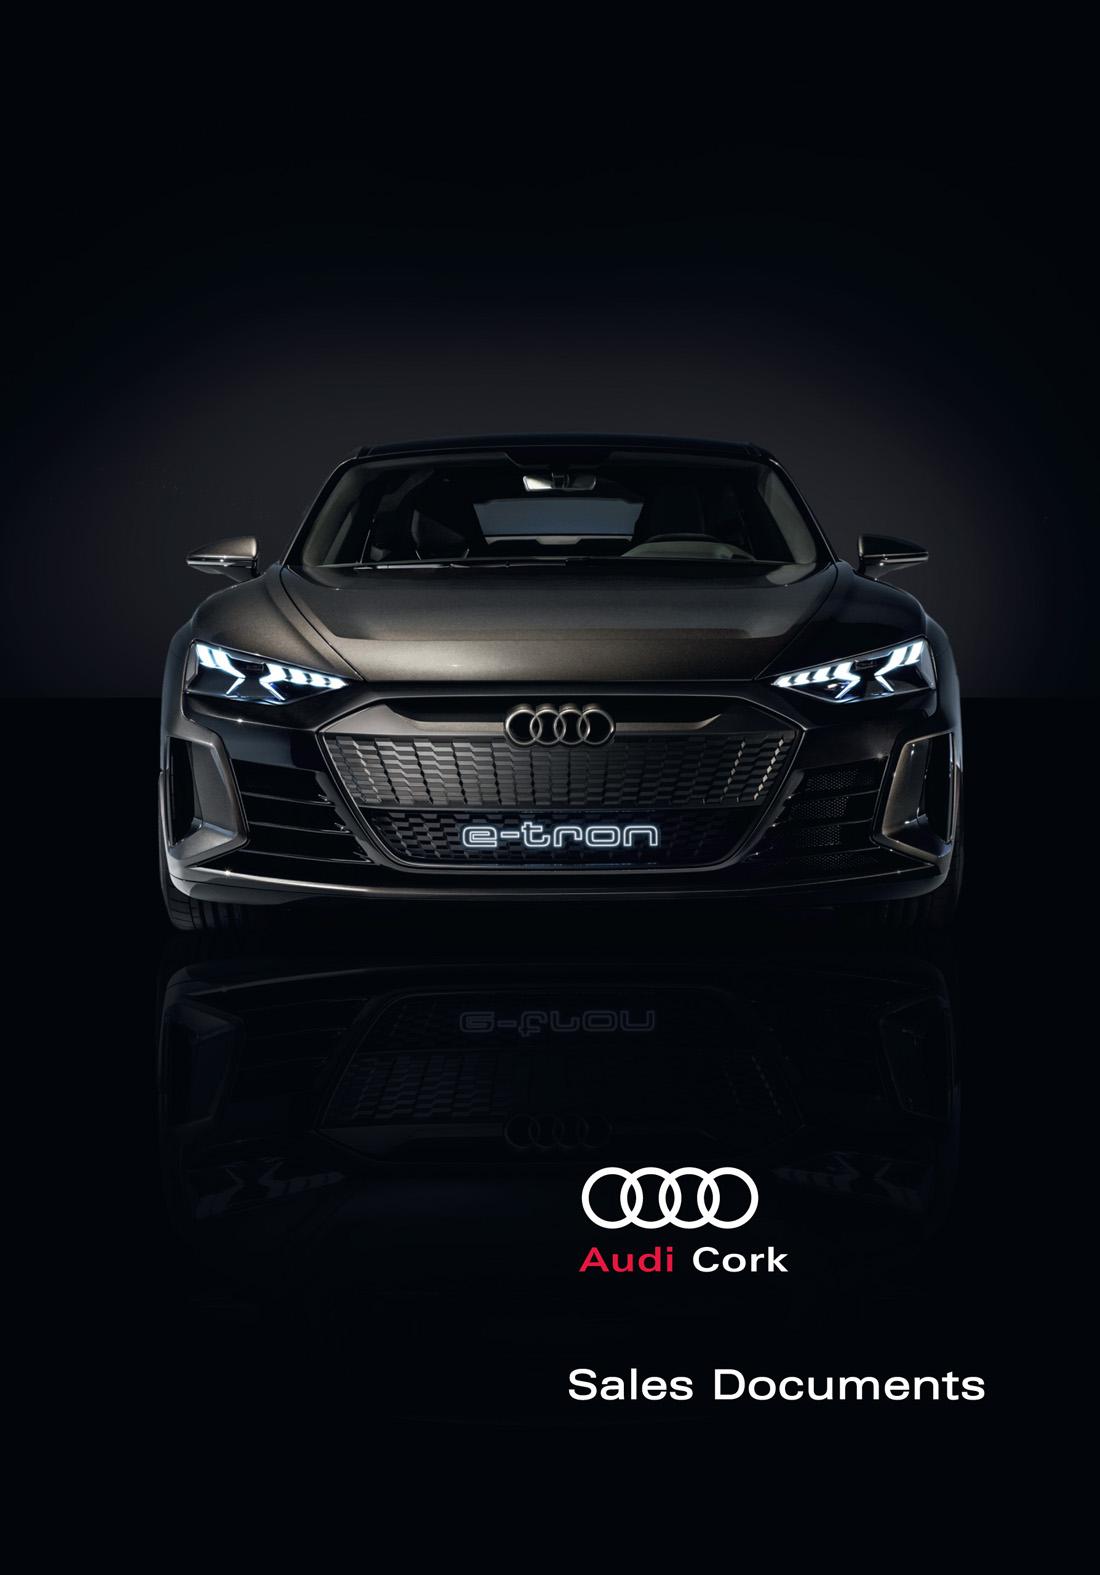 Audi Sales Black folder Cover 12-18.jpg